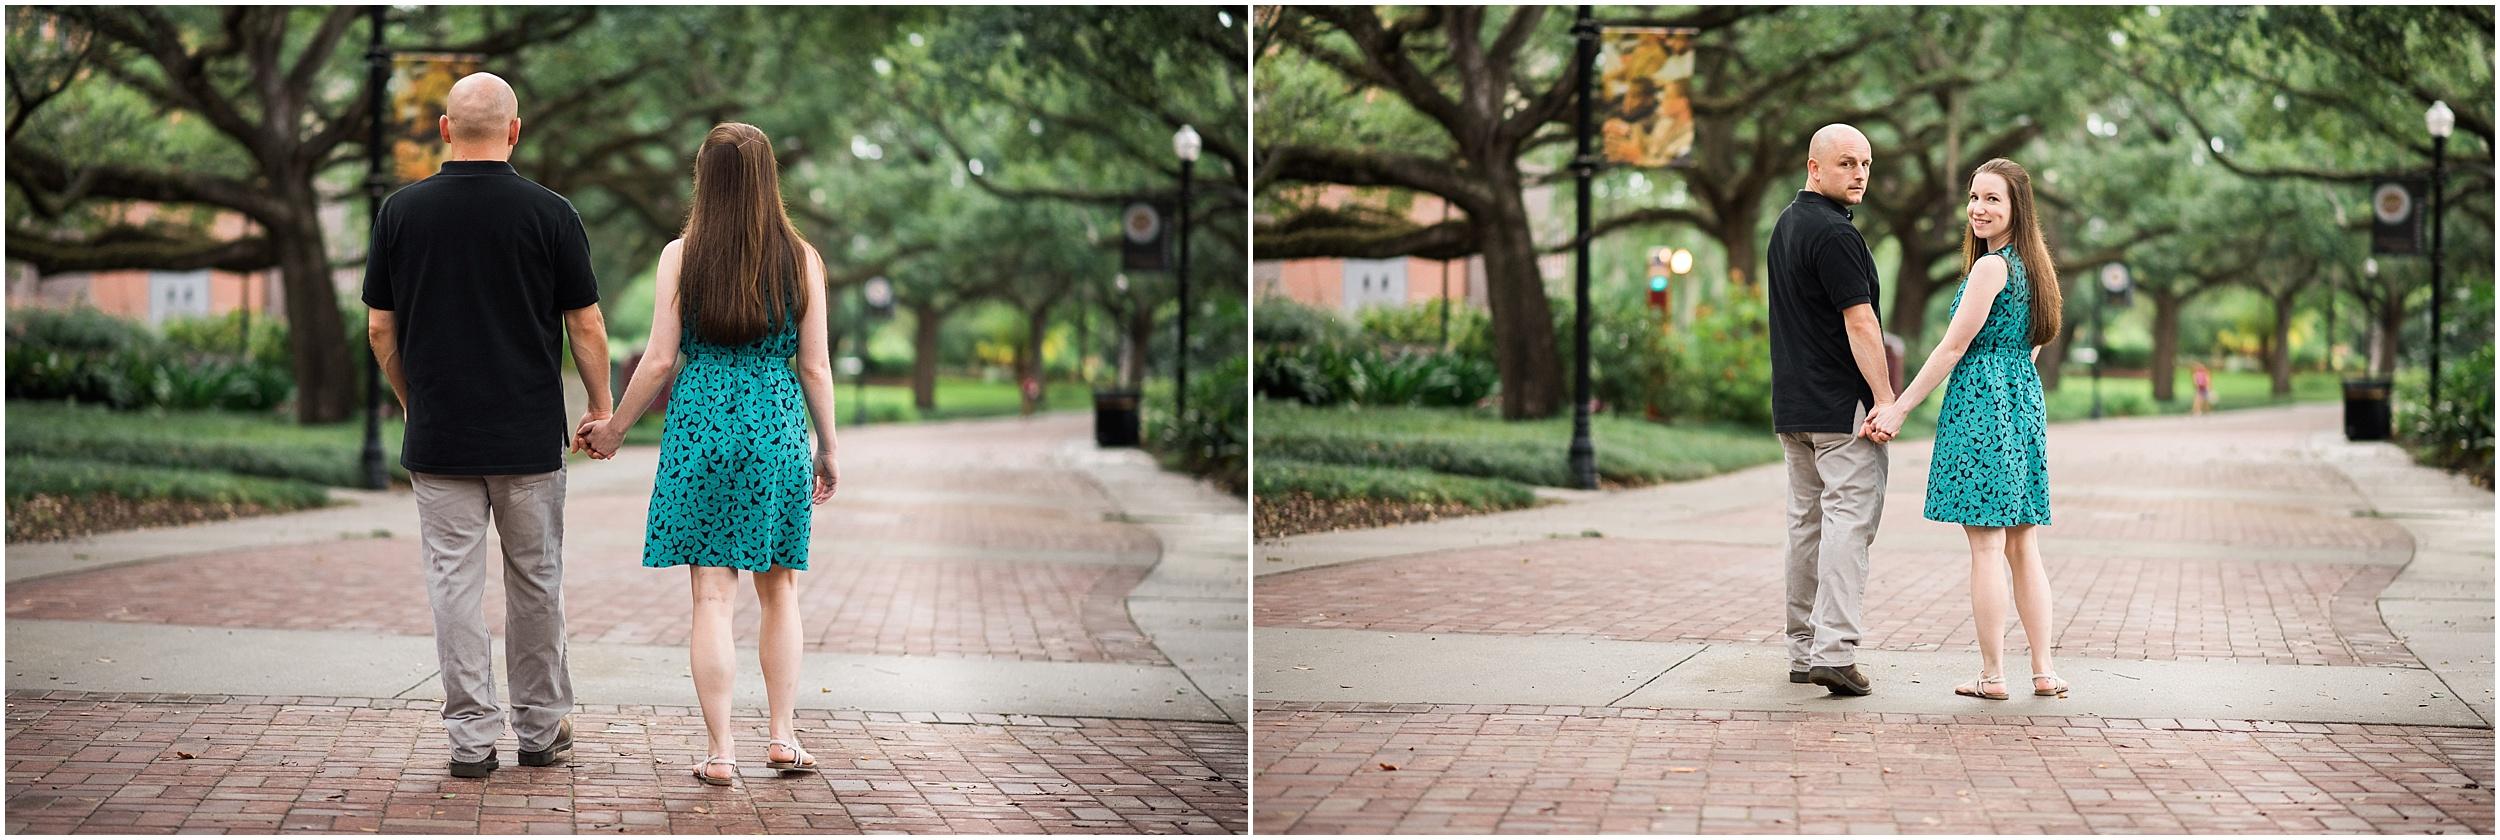 Karen & David Engagement, Florida State University_0009.jpg